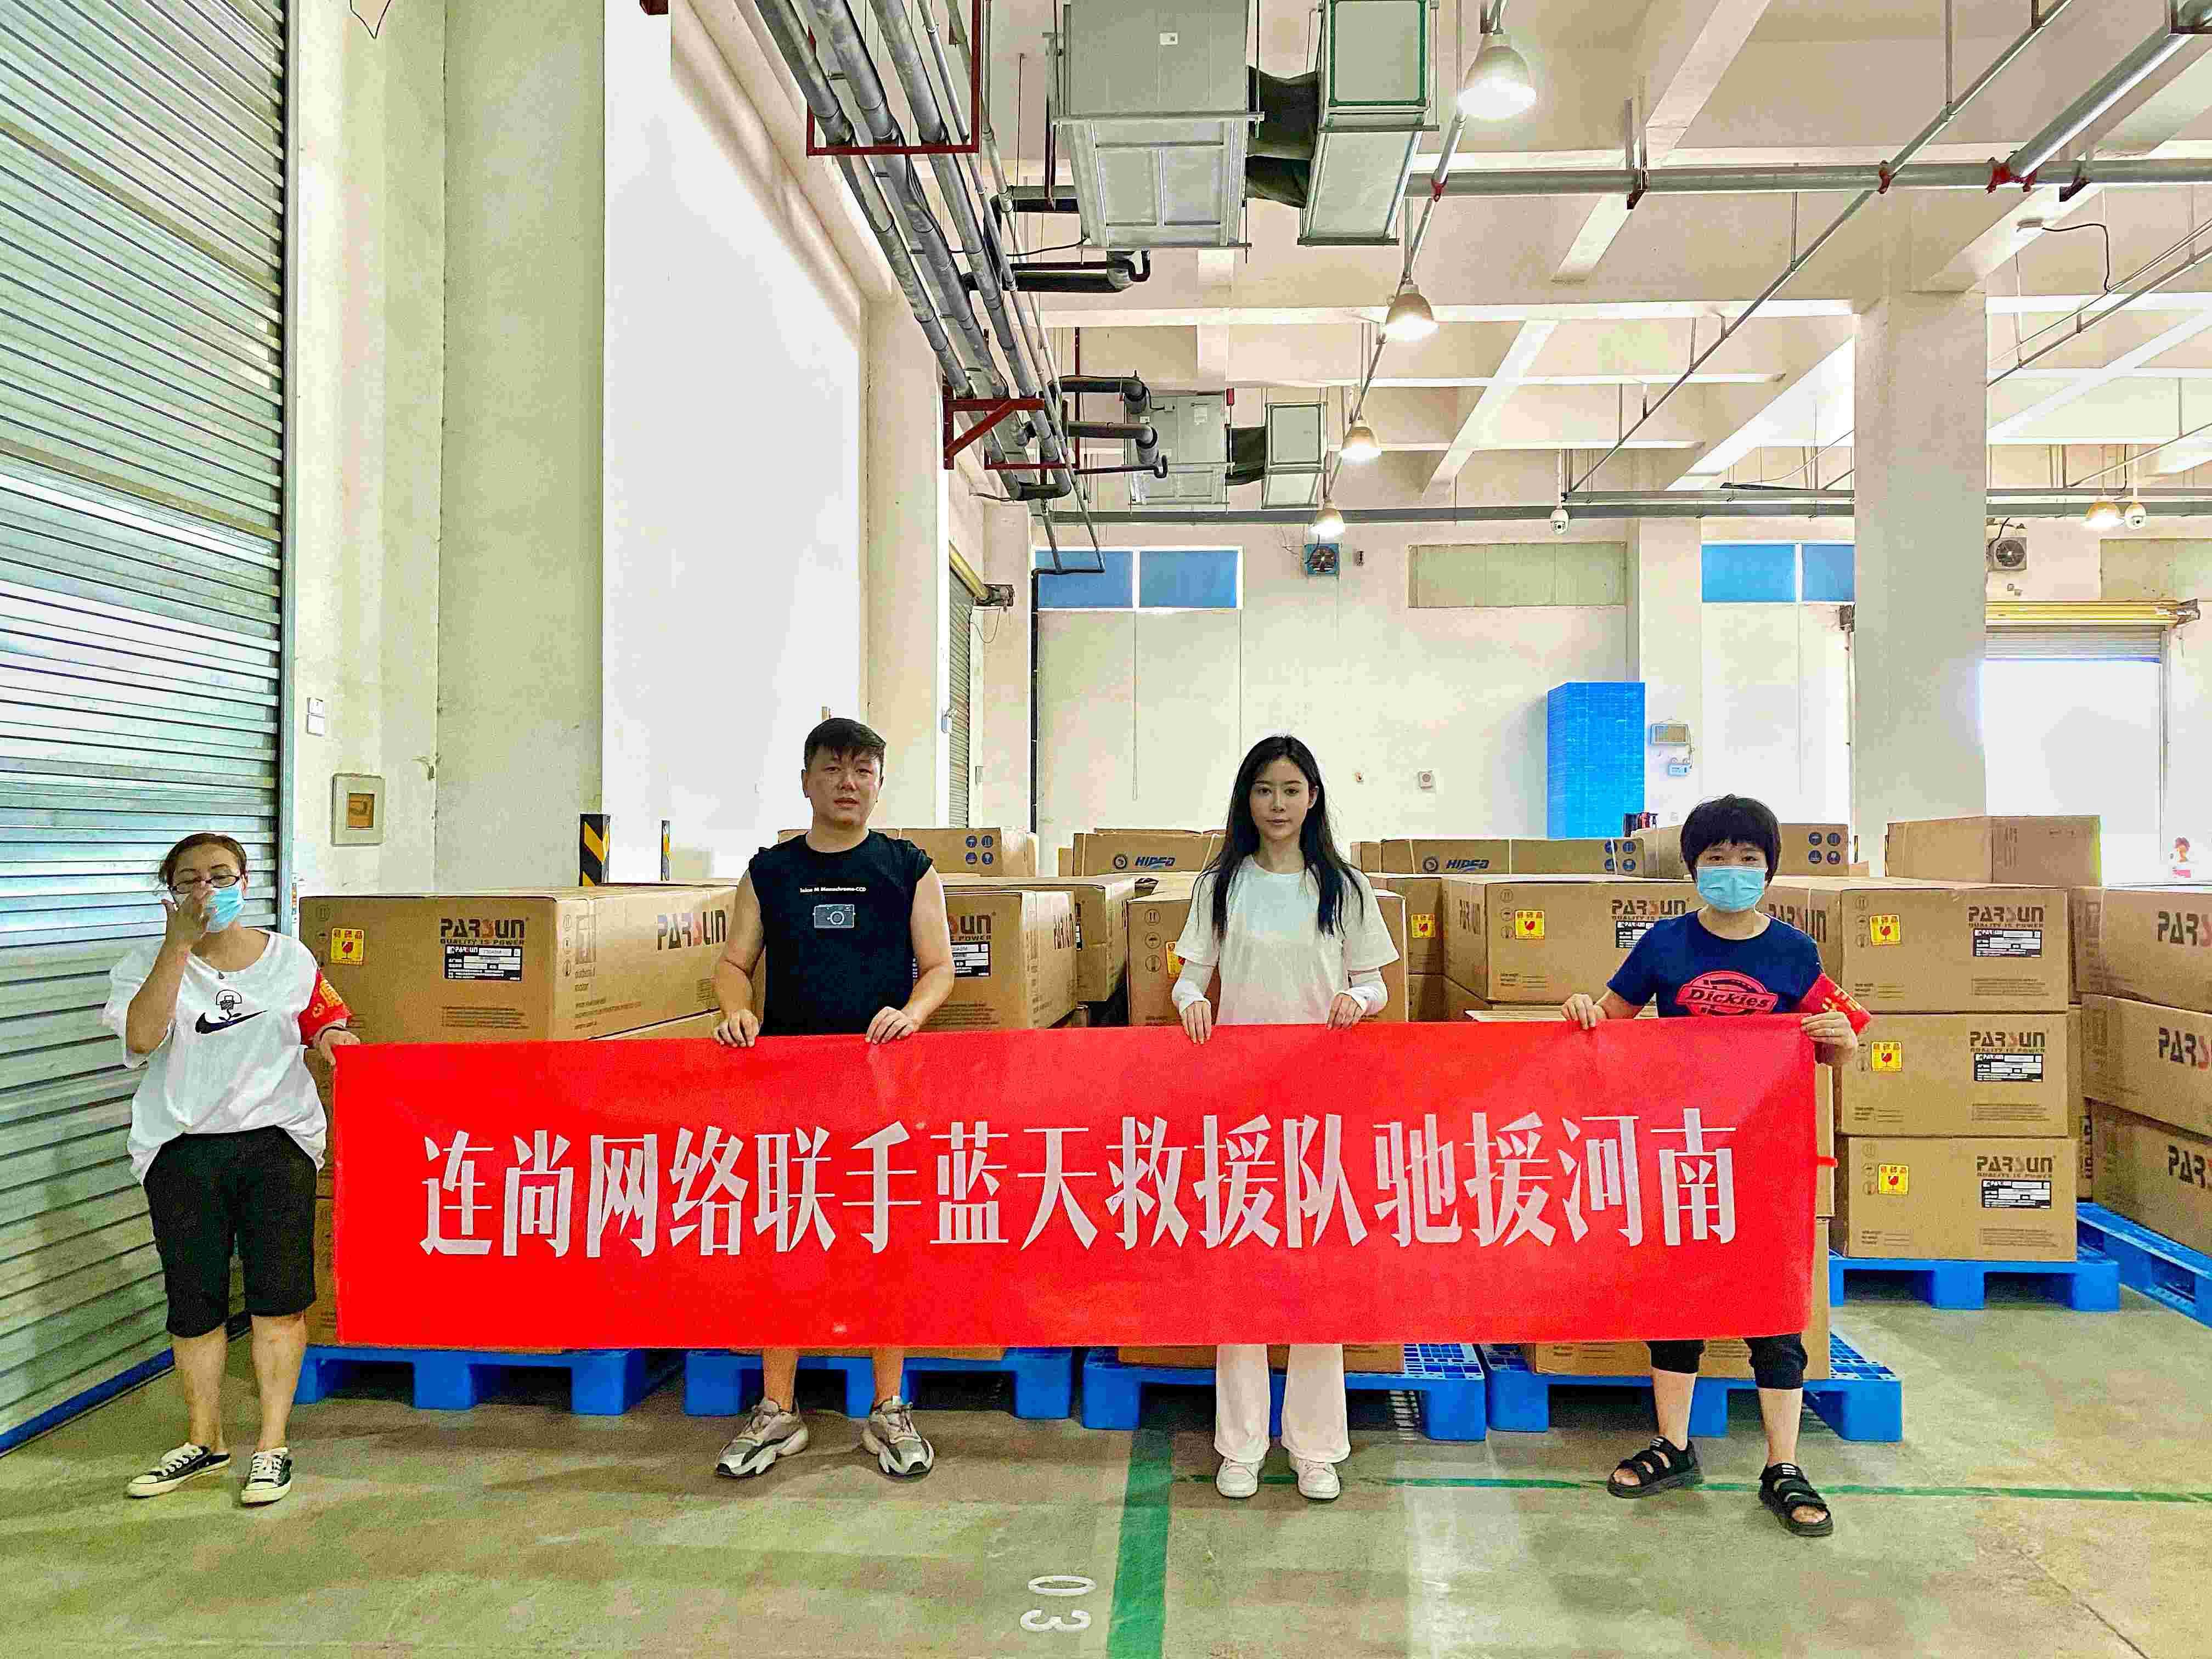 【名企驰援河南】连尚网络首批救援装备已送达蓝天救援队